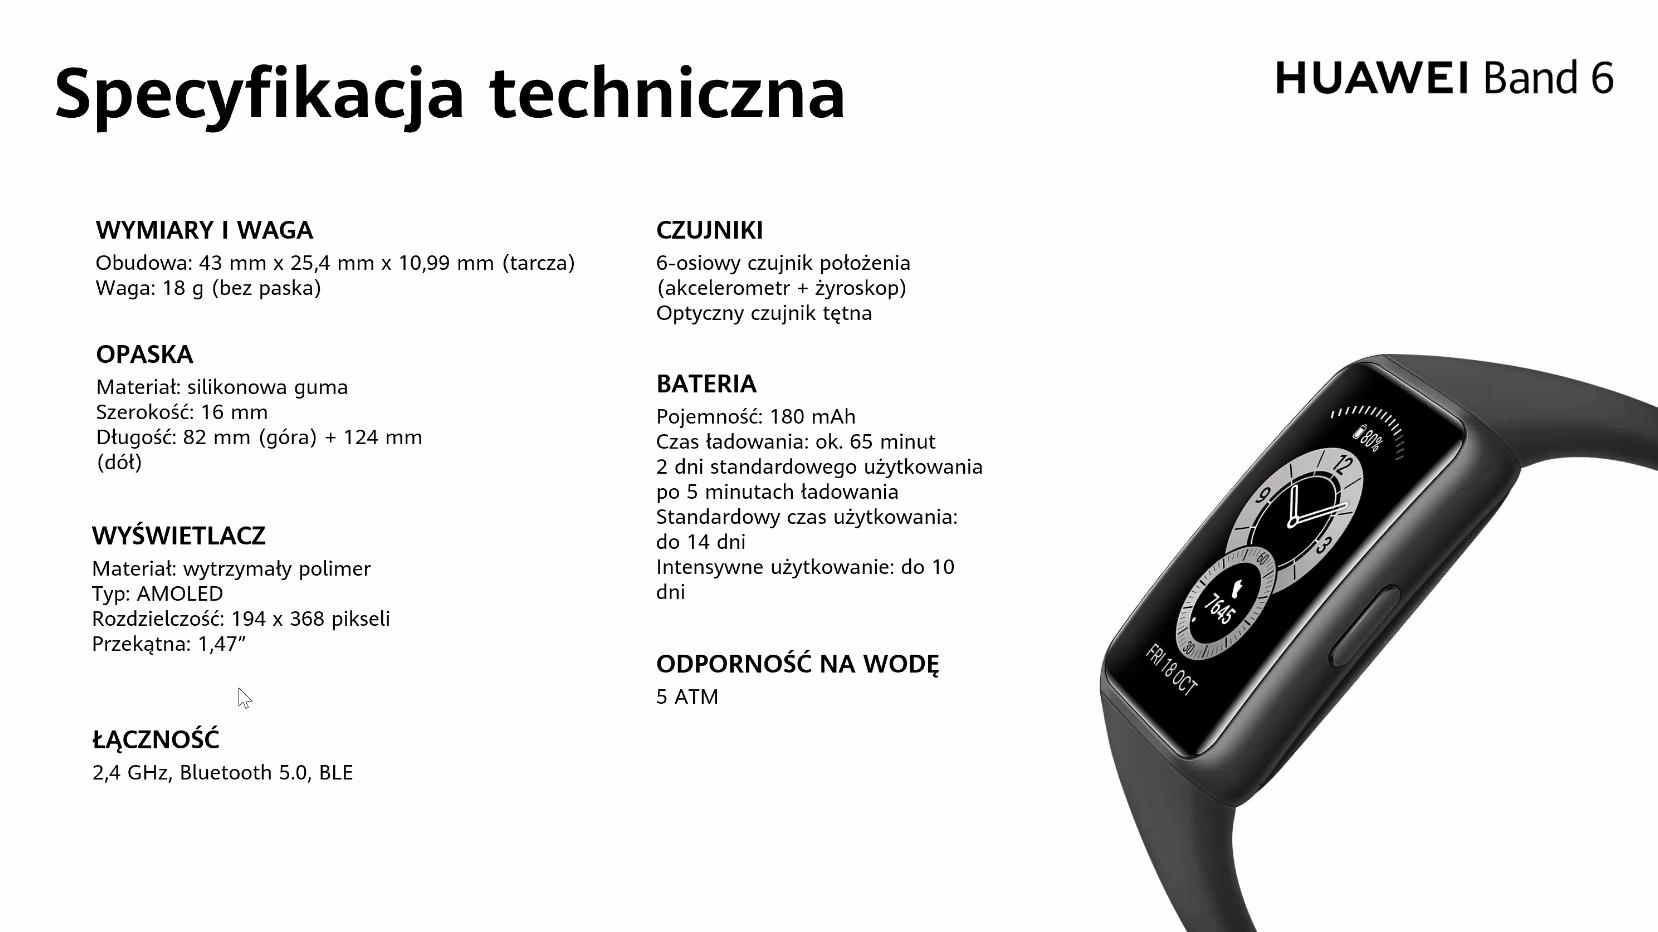 Huawei Band 6 - specyfikacja